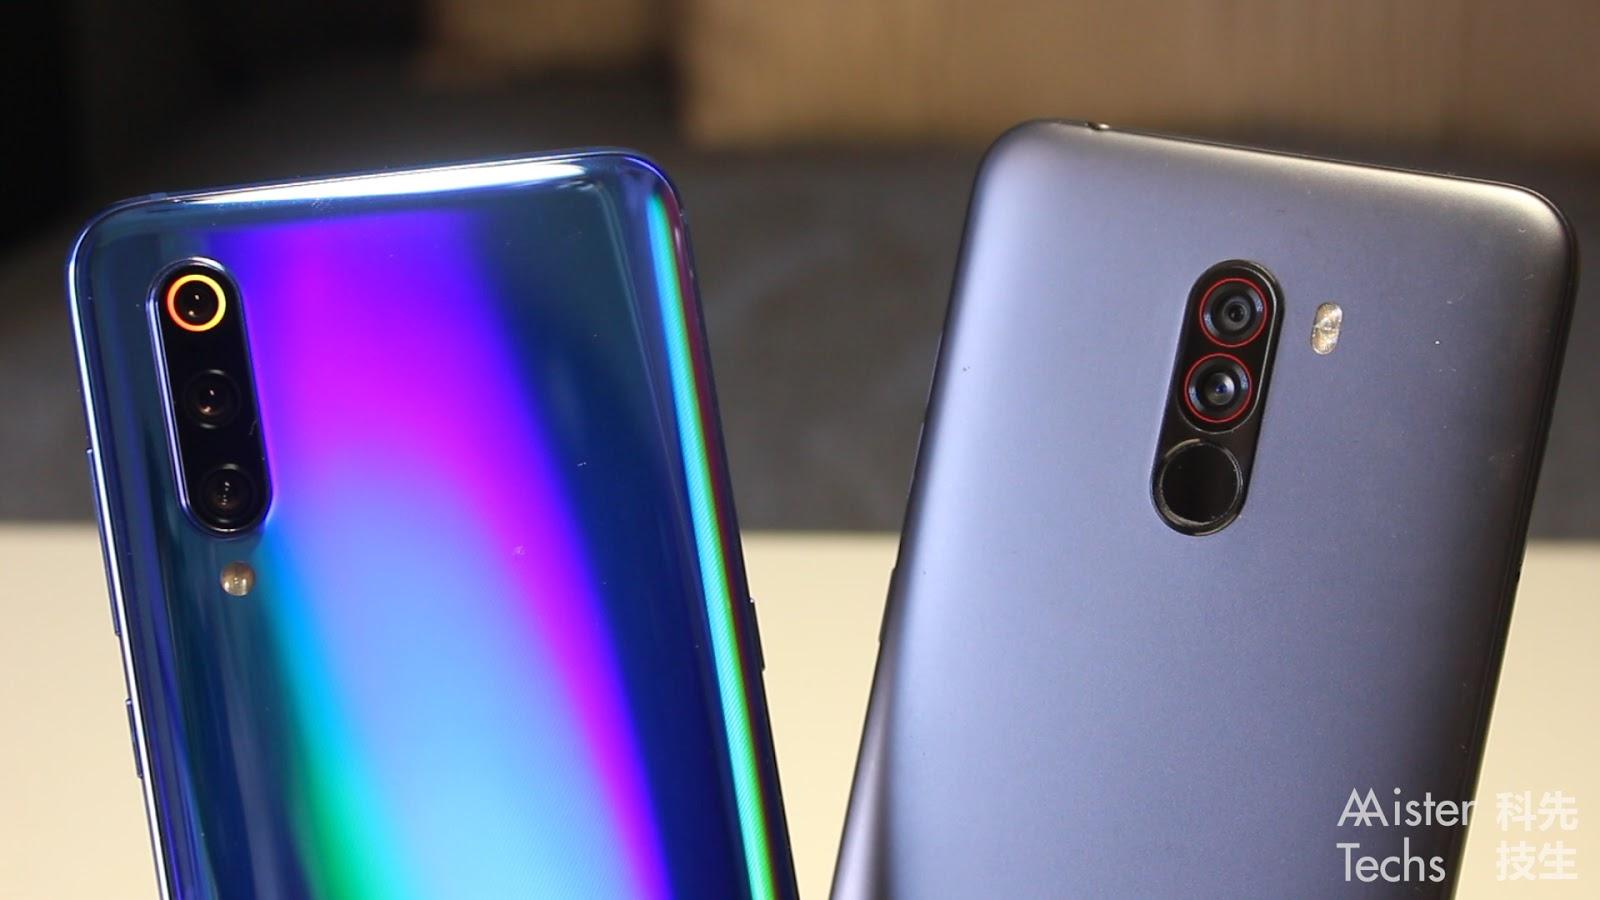 Xiaomi Mi 9 vs Pocophone F1 Comparison: Back to Pocophone